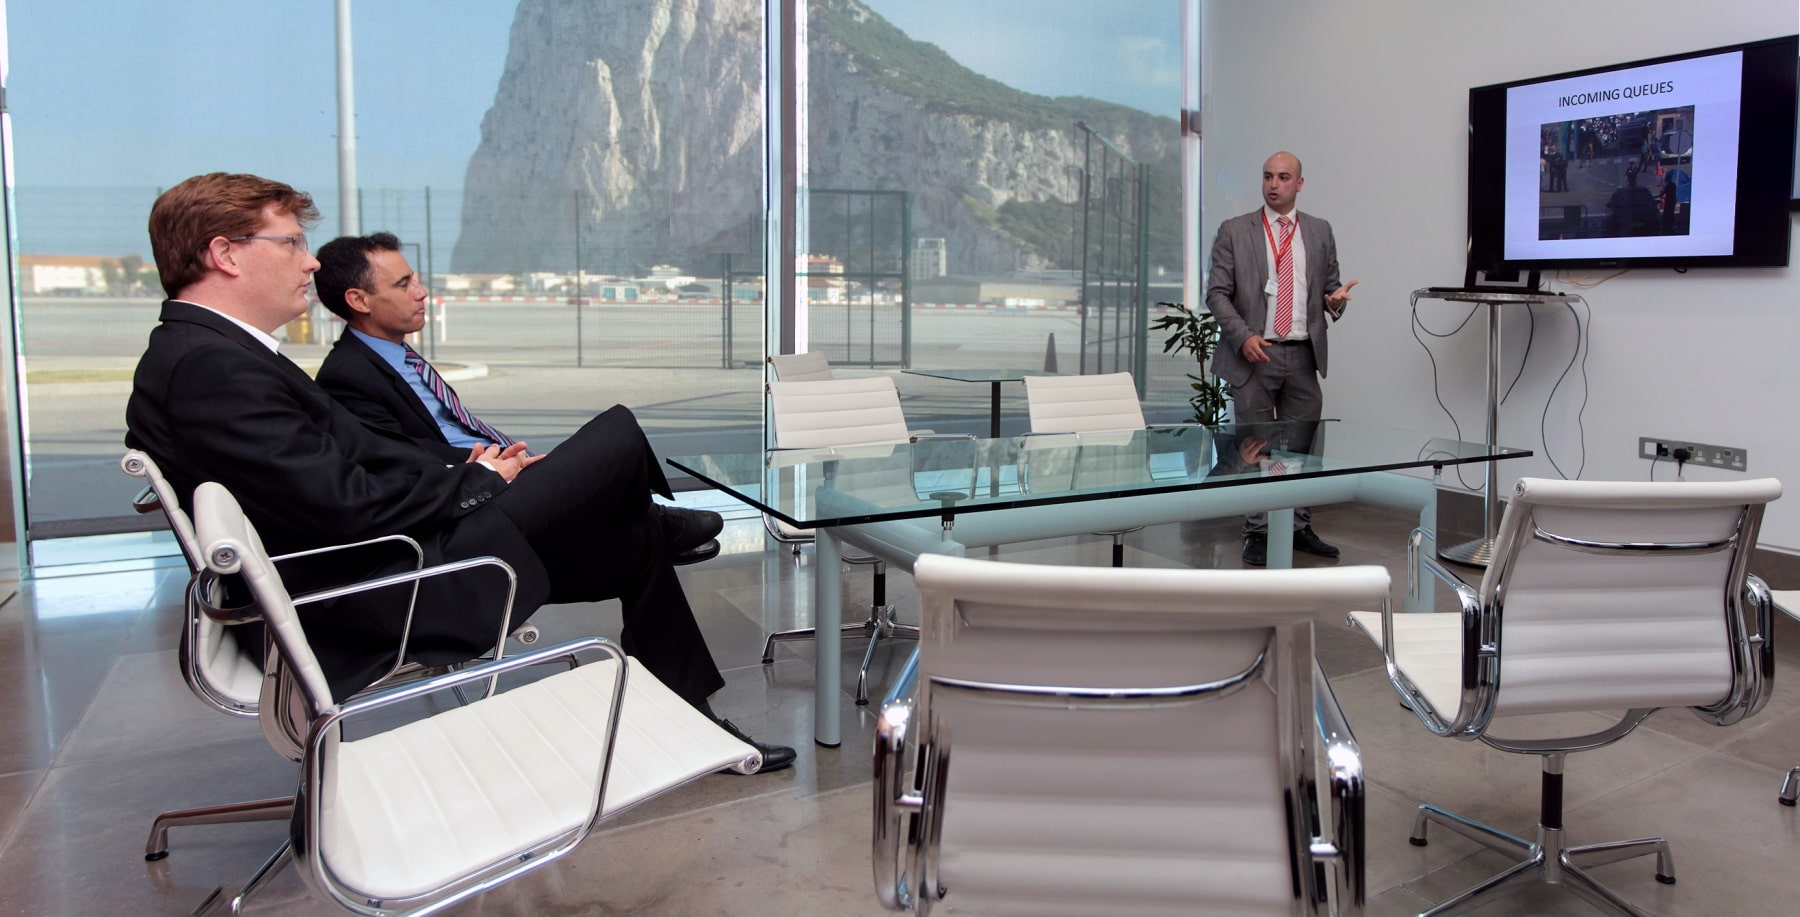 9-mayo-2014-visita-a-gibraltar-del-secretario-de-estado-britnico-daniel-alexander-con-ocasin-del-da-de-europa_13981607568_o